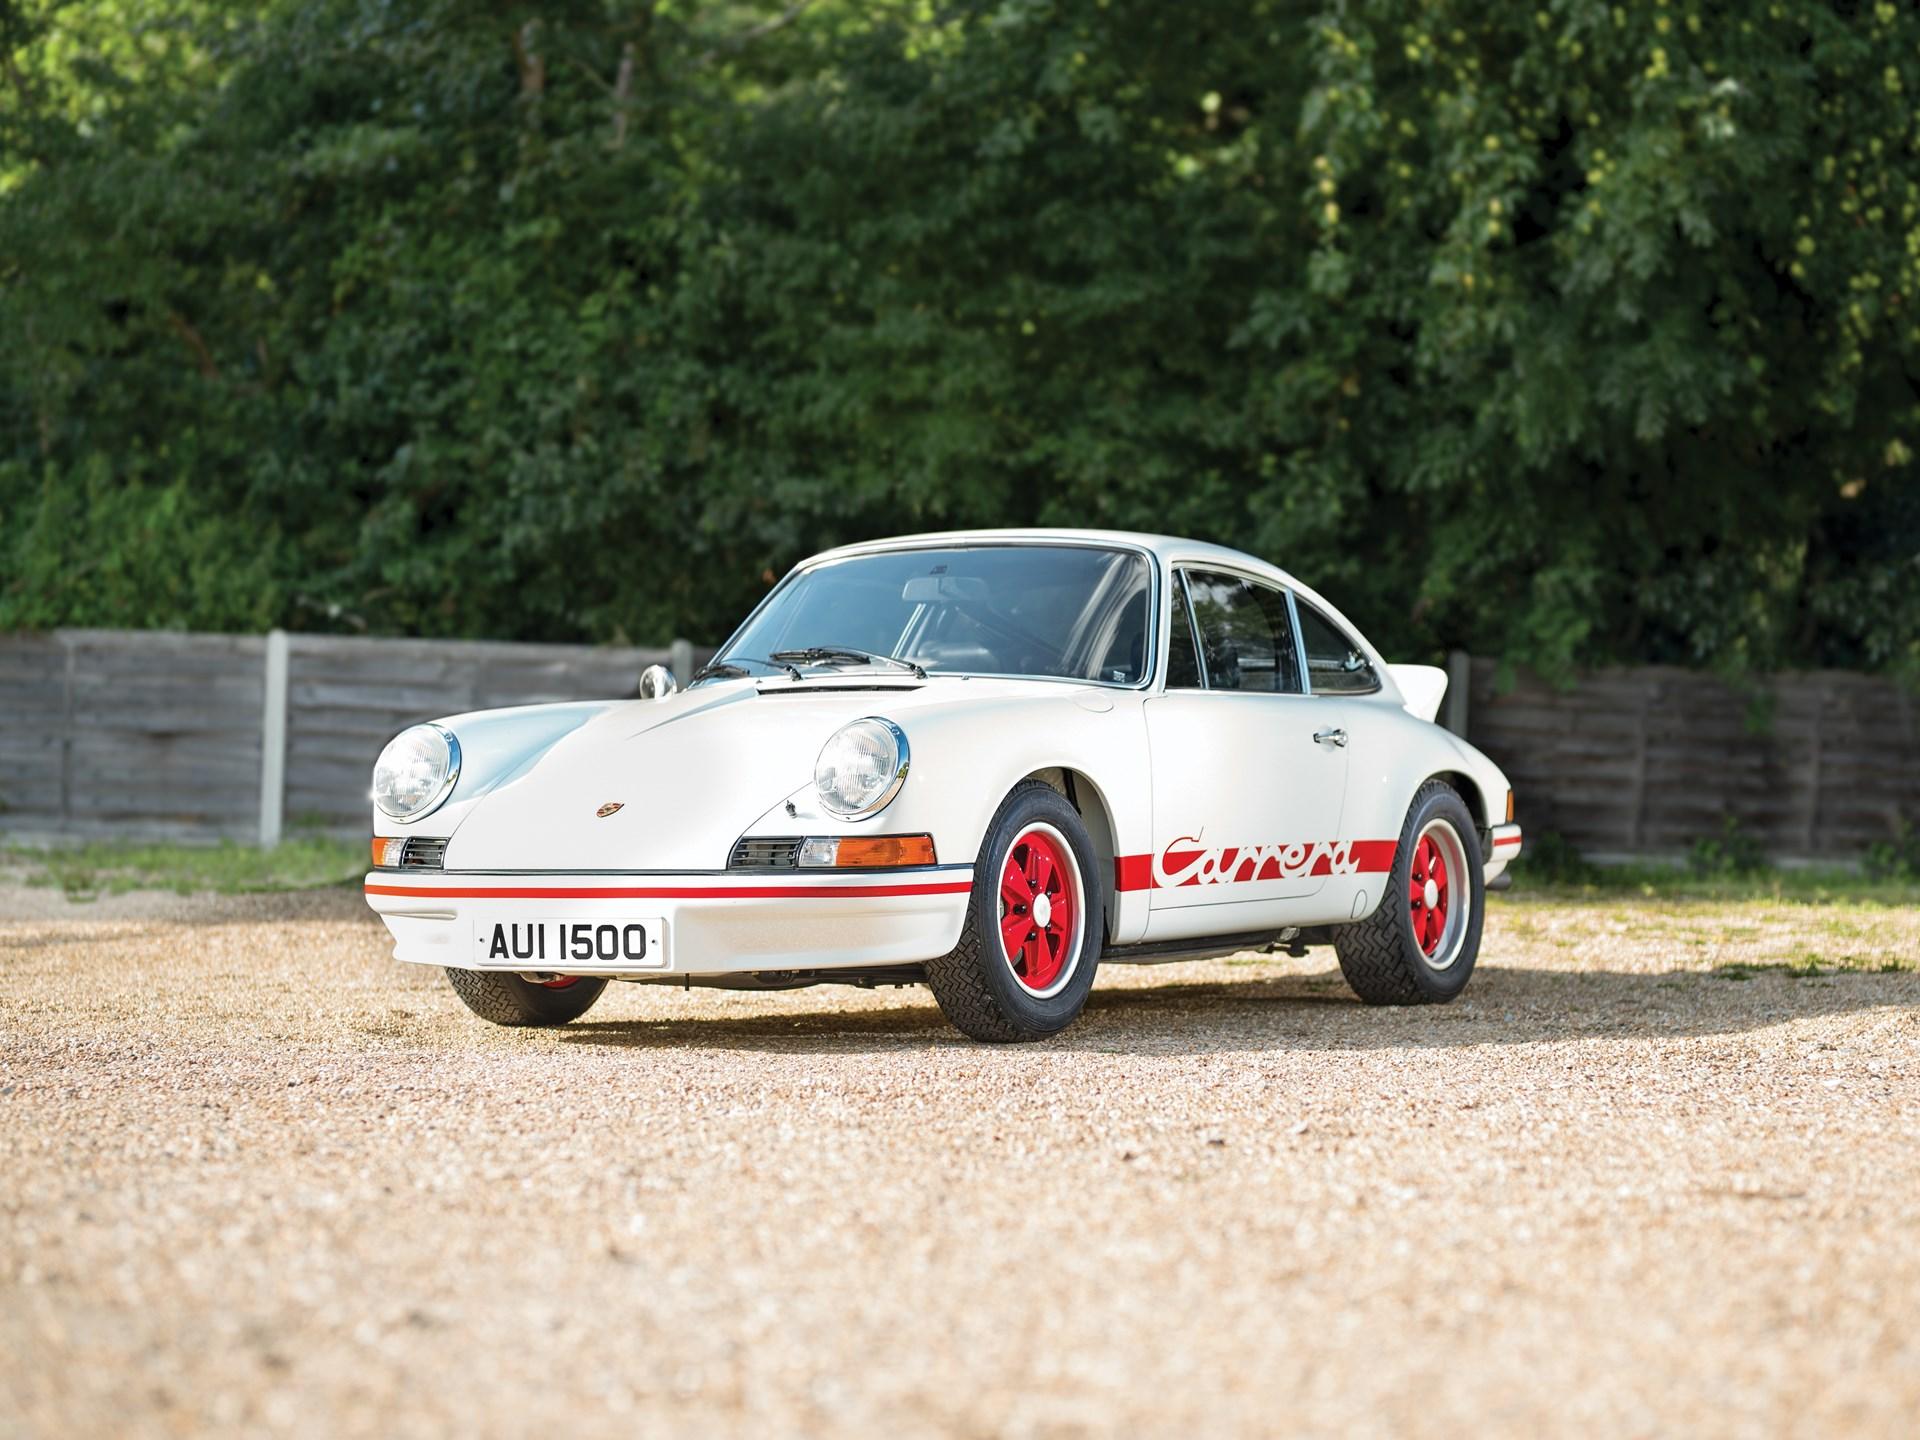 hight resolution of 1973 porsche 911 carrera rs 2 7 lightweight